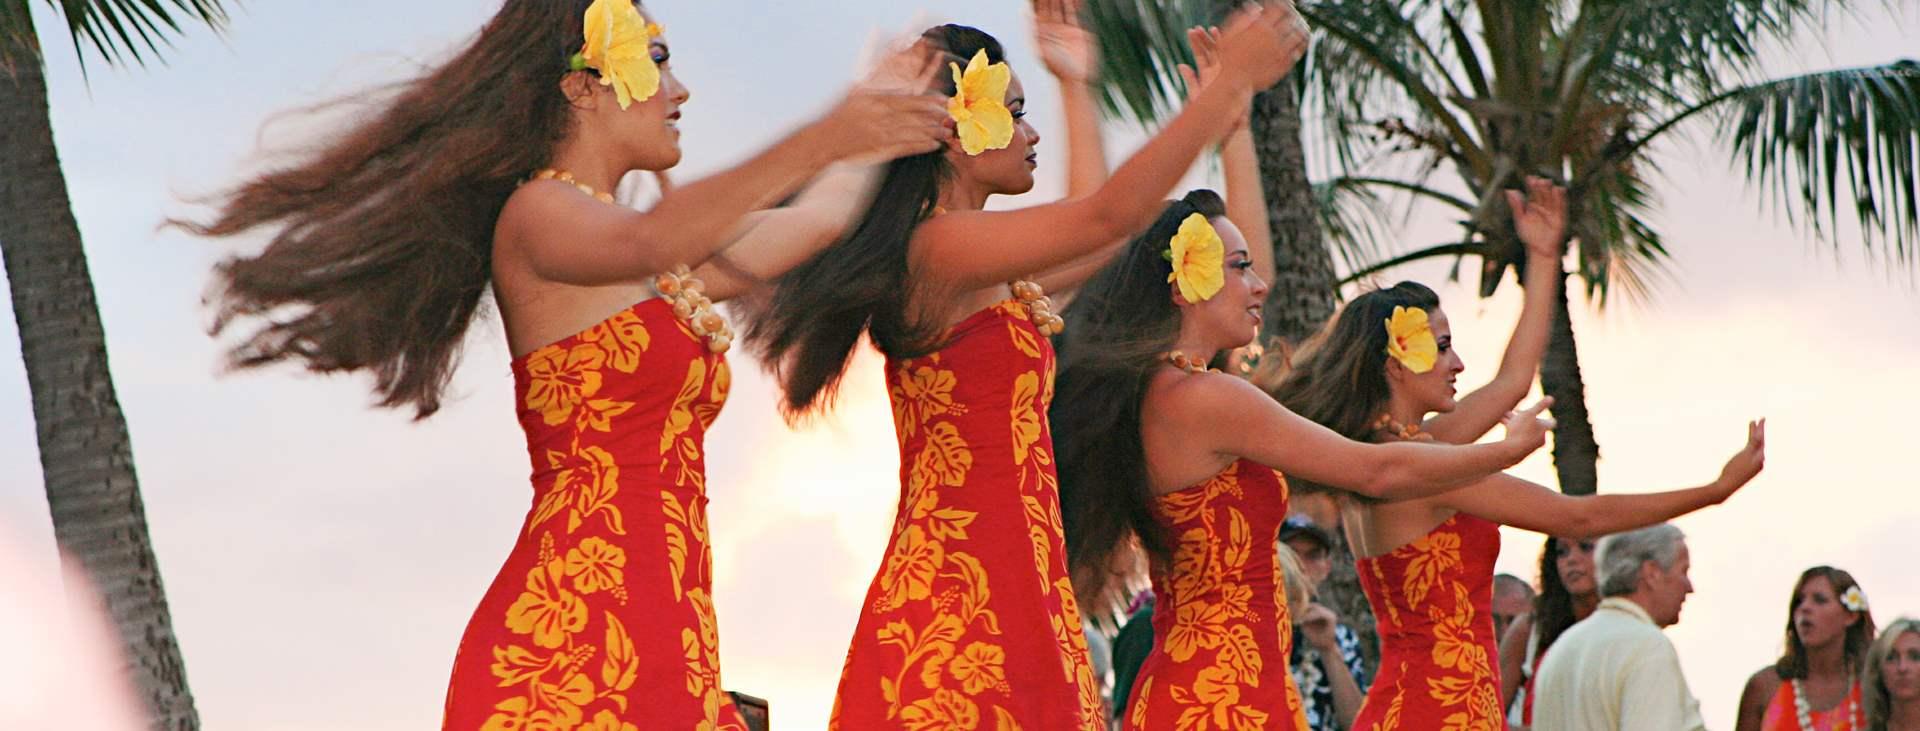 Bestill en reise med Ving til Maui på Hawaii – opplev USA med Ving